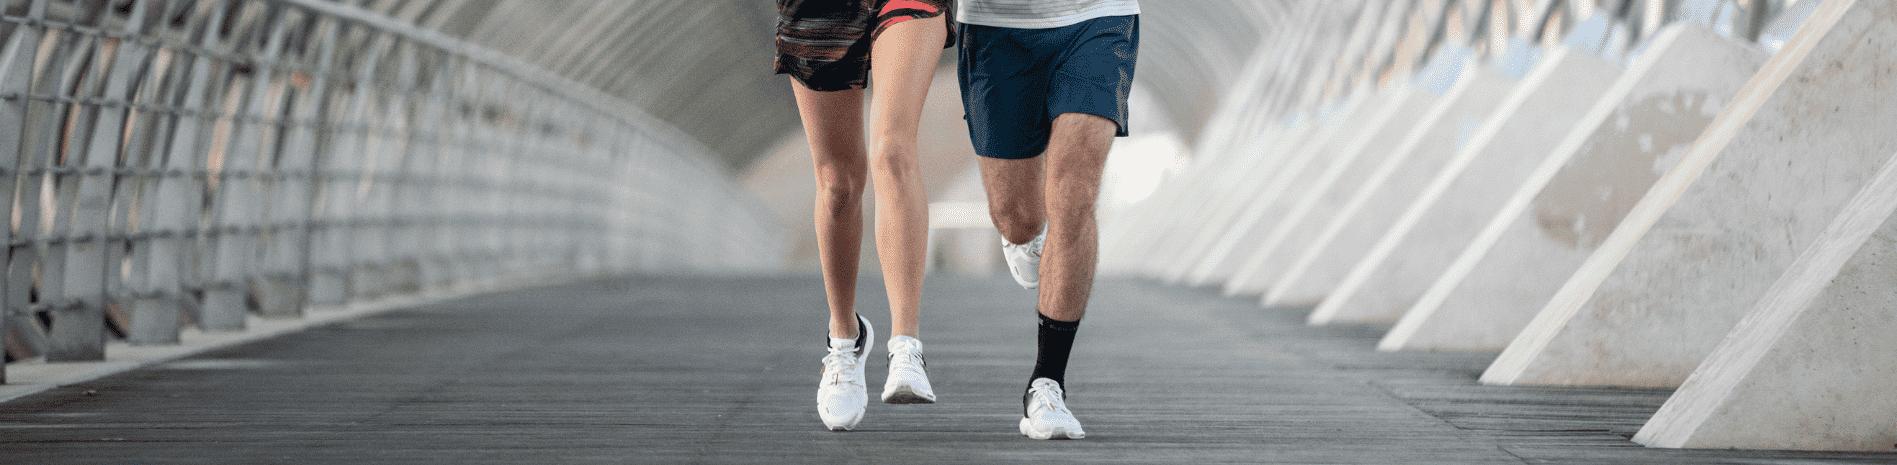 10 rád, ako si vybrať správnu bežeckú obuv